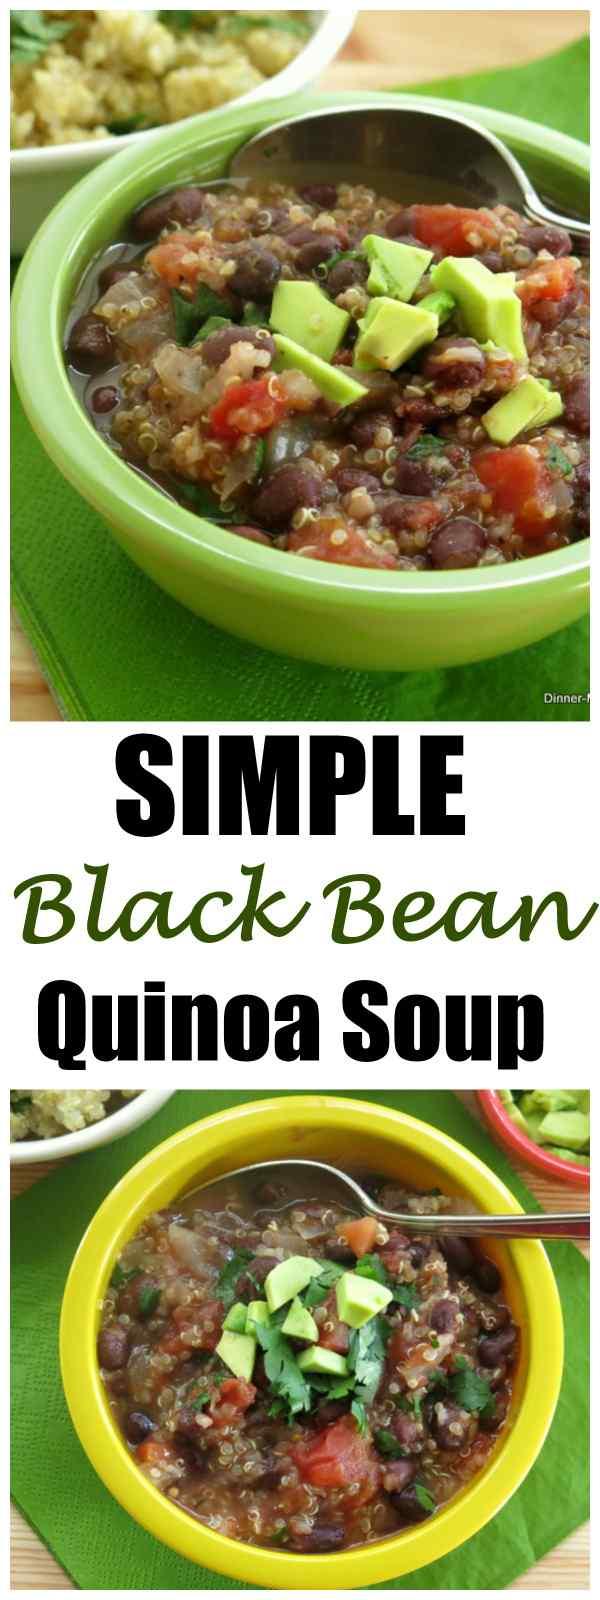 Simple Vegan Black Bean Quinoa Soup Recipe